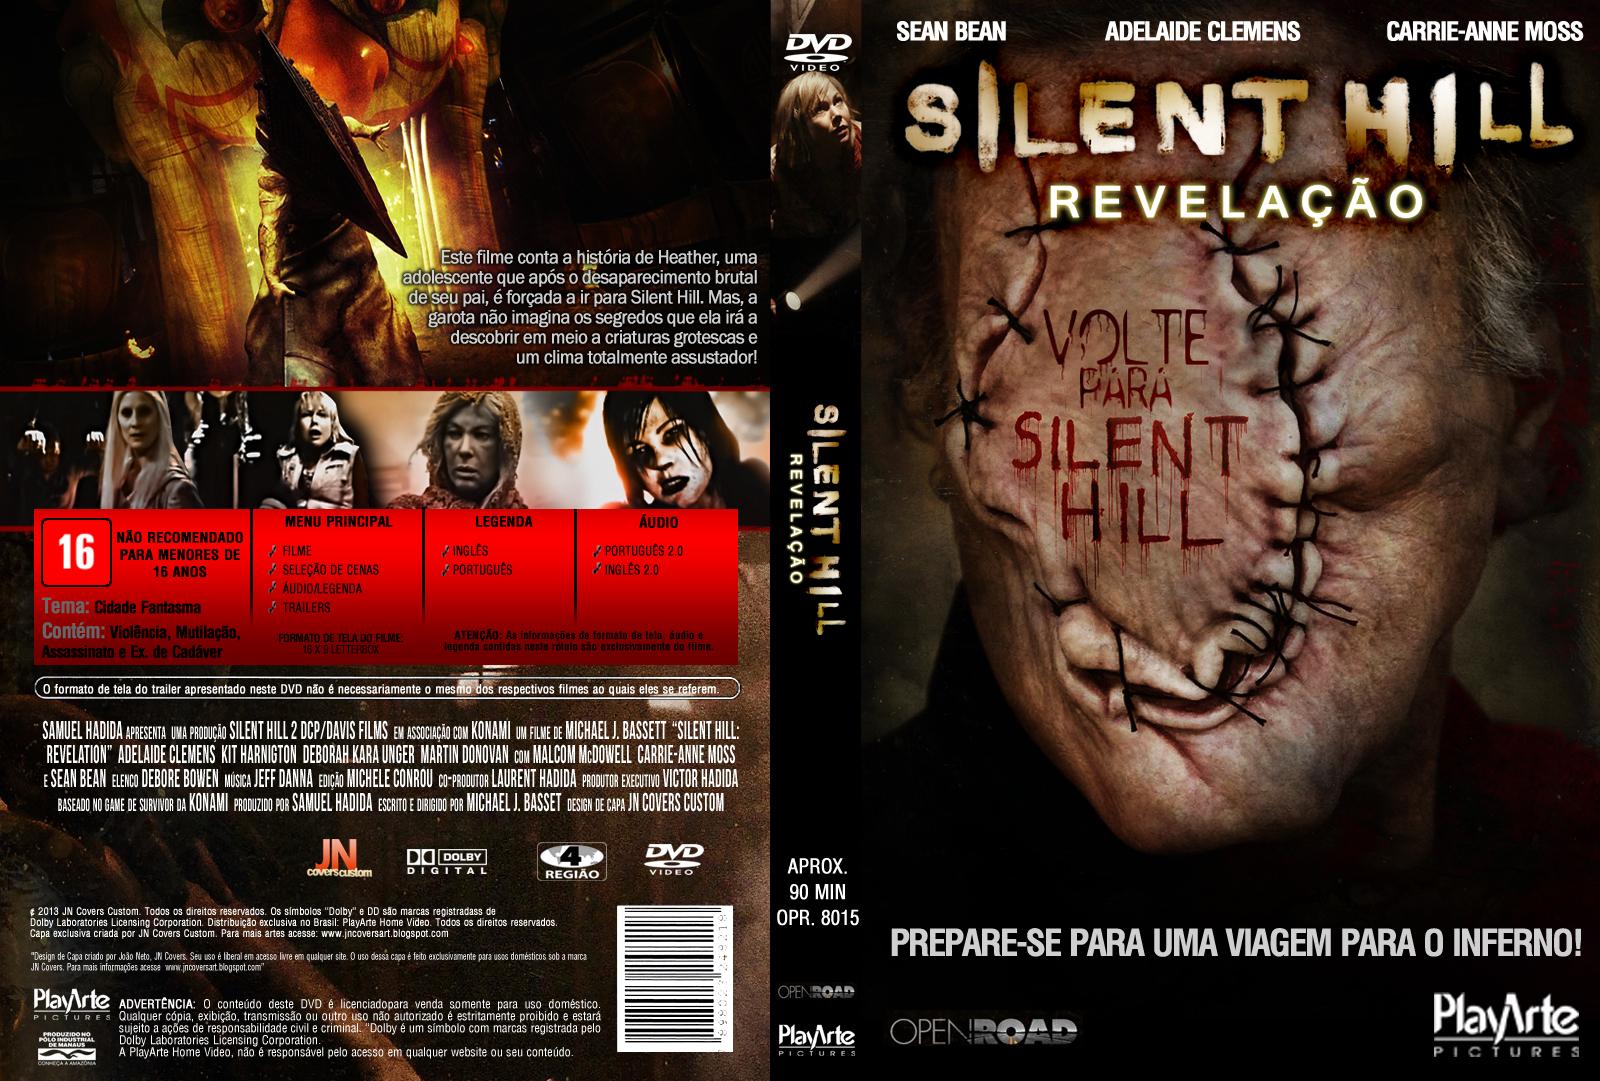 O DUBLADO BAIXAR HILL FILME REVELAO SILENT 2